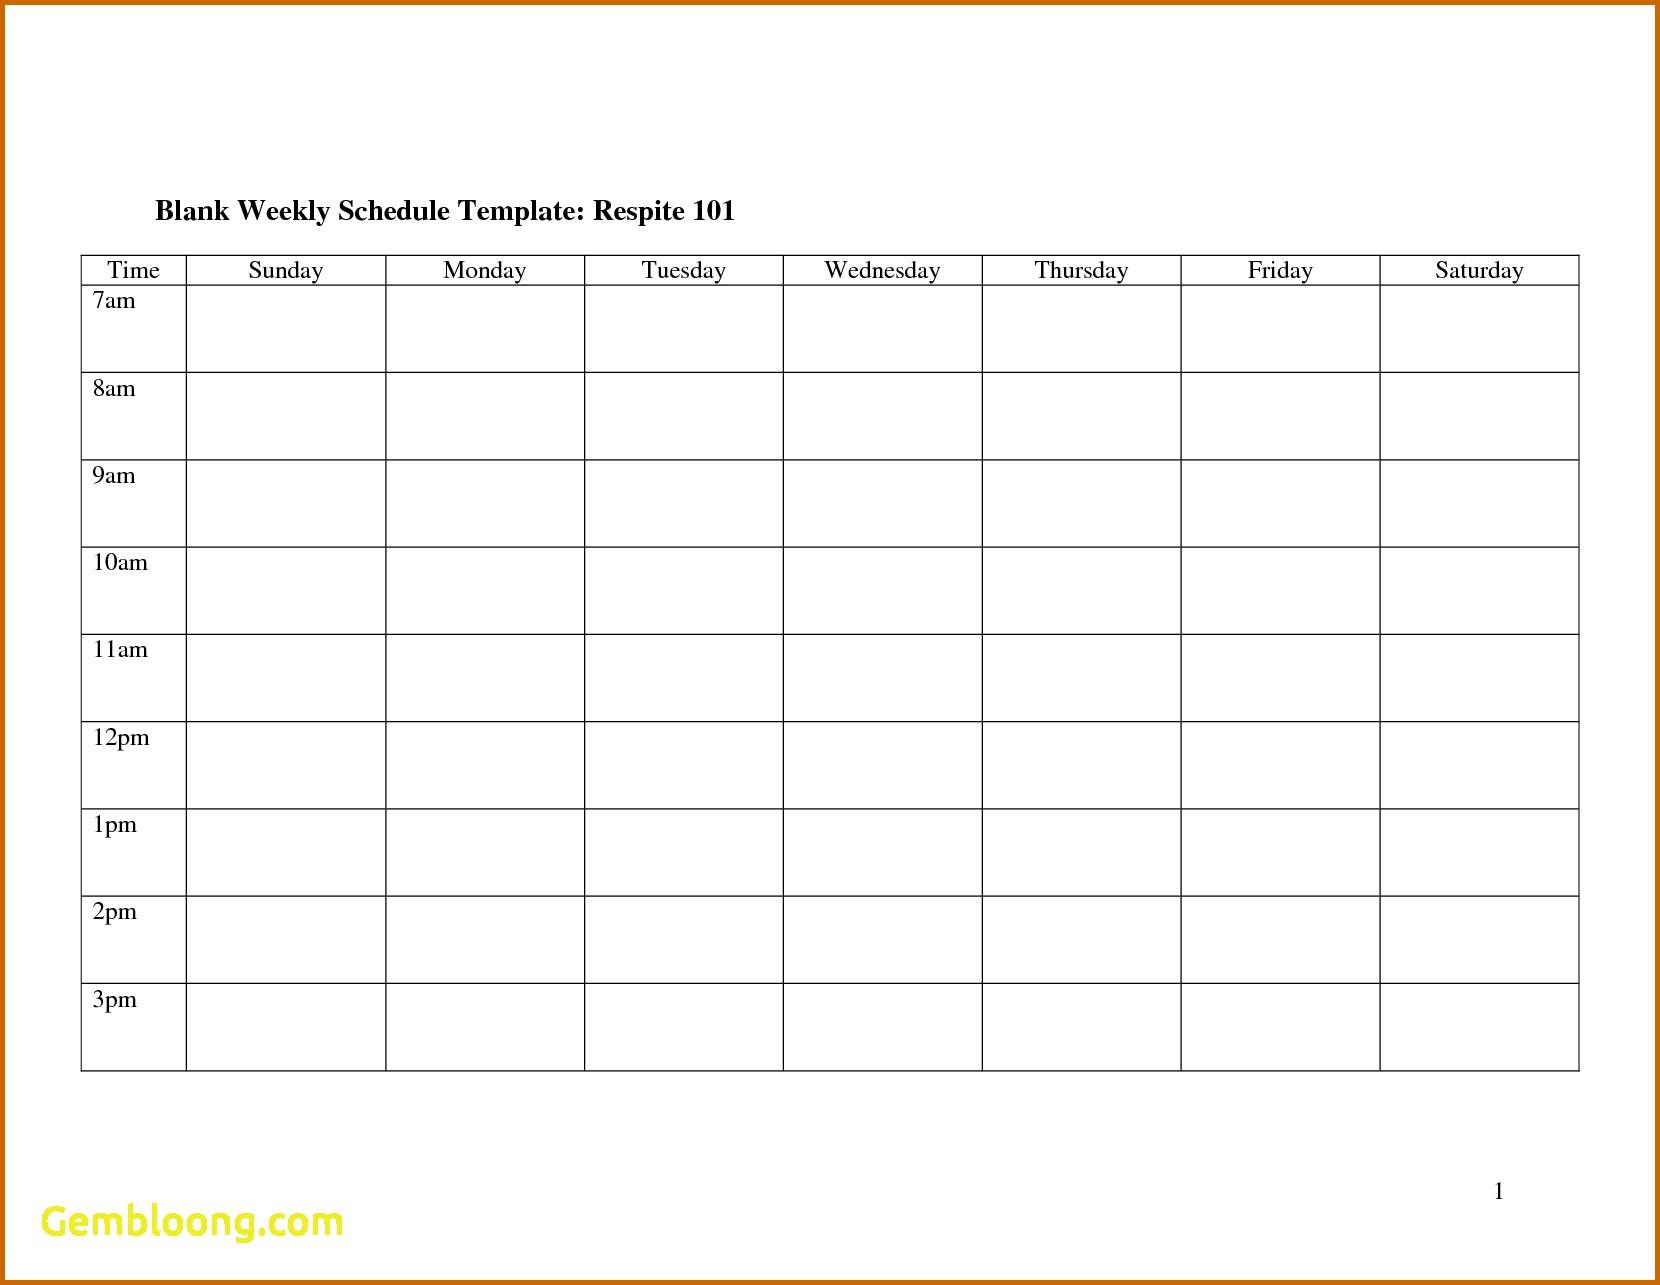 Employee Work Schedule Template Monthly 7 - Infoe Link With Monthly Work Schedule Template